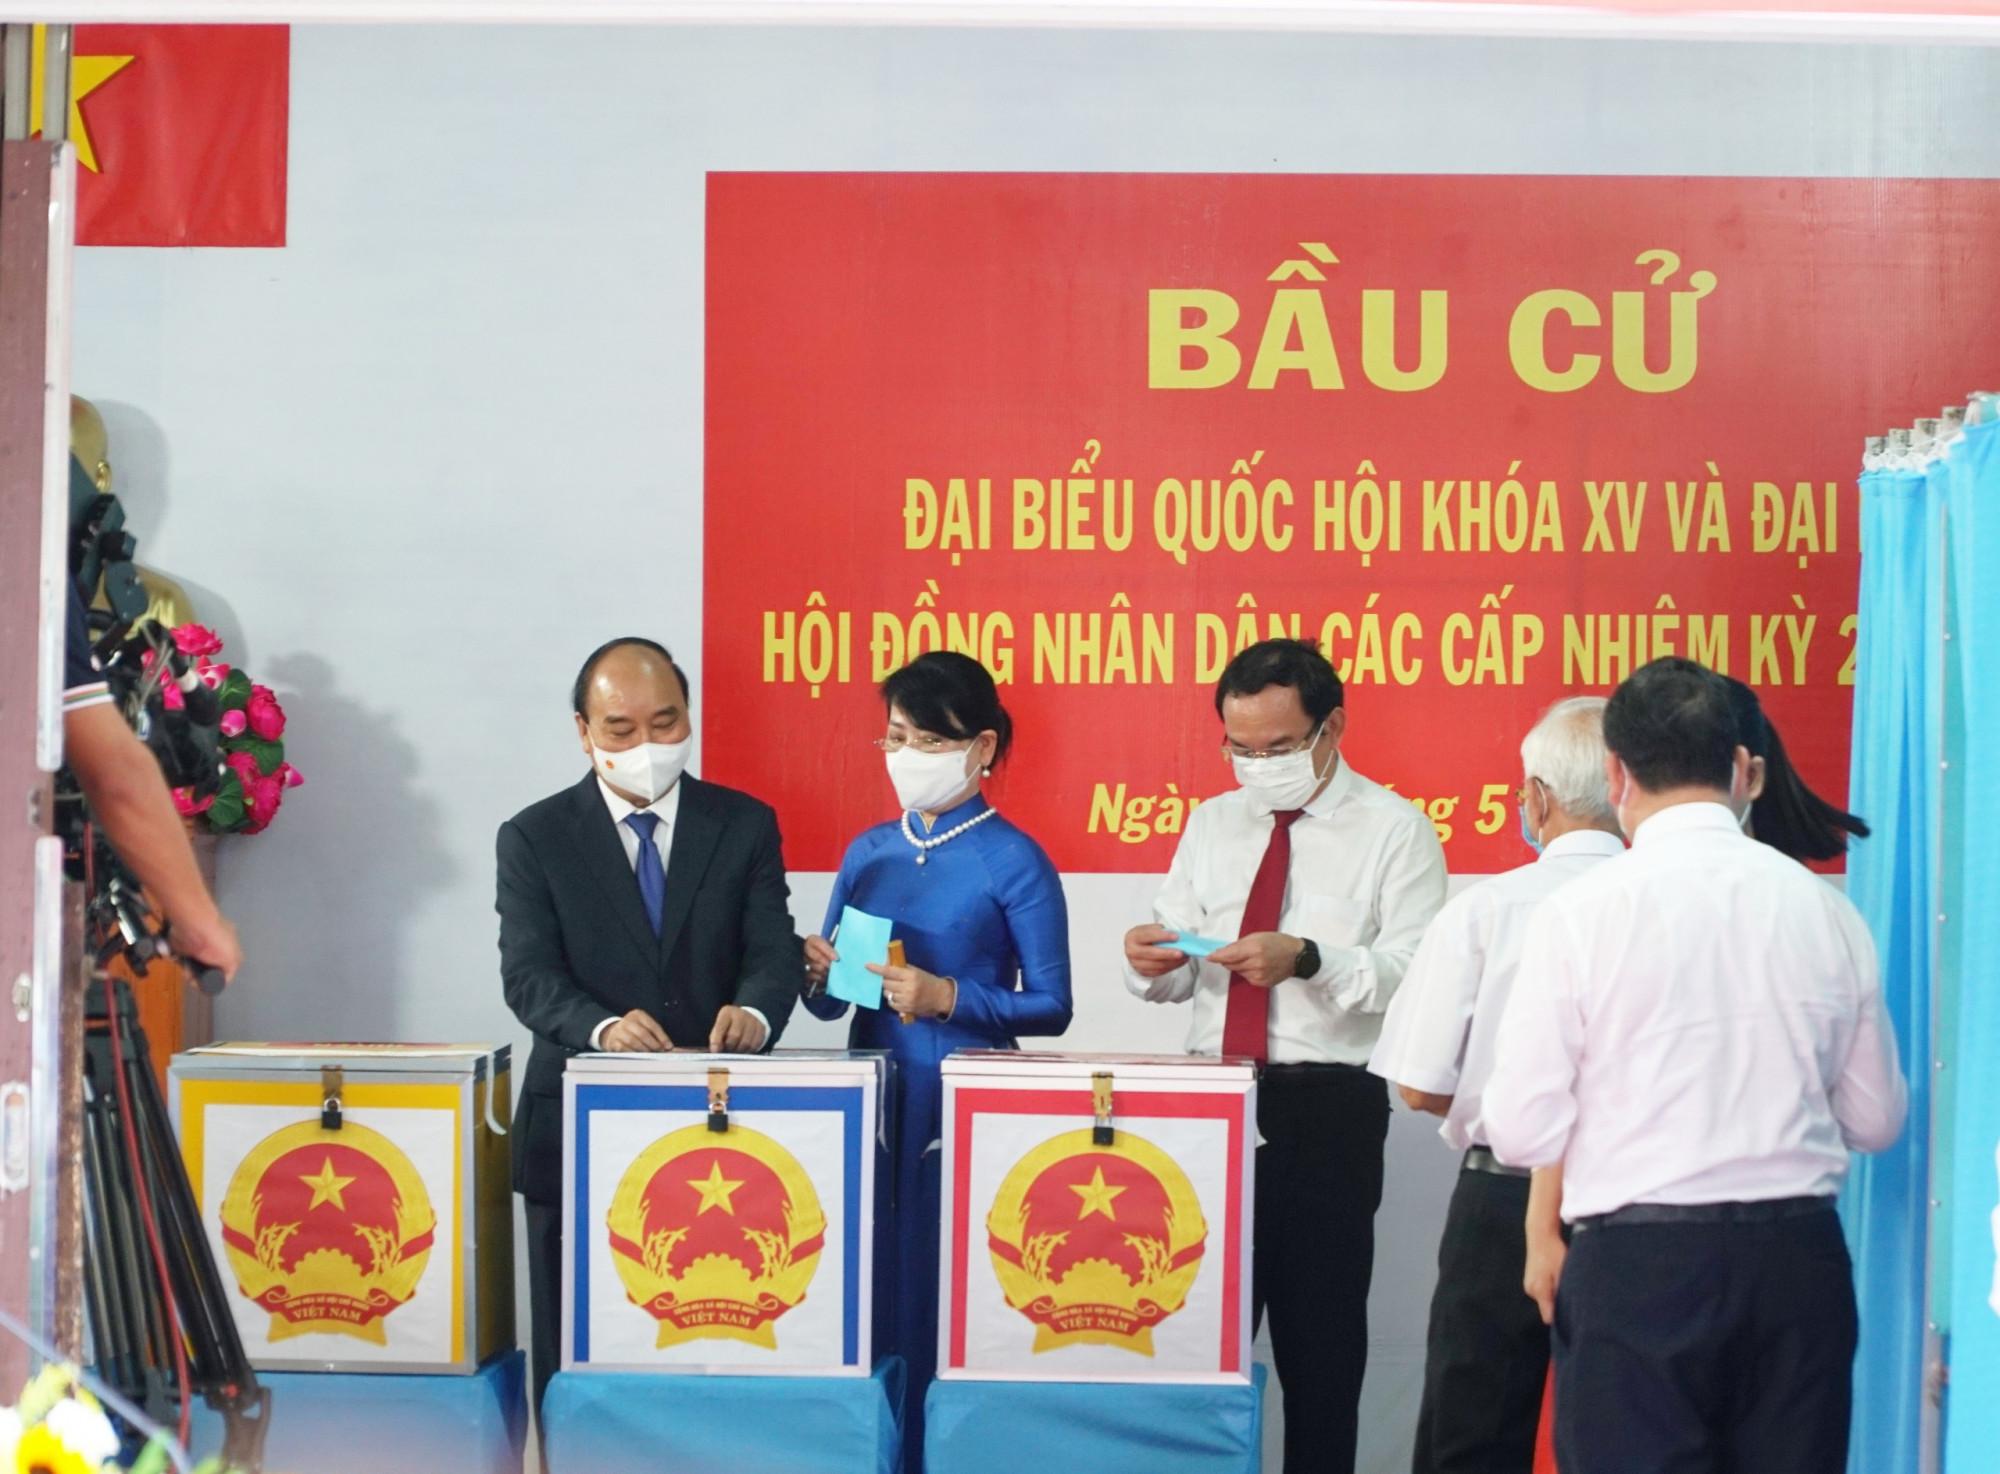 Chủ tịch nước Nguyễn Xuân Phúc và phu nhân chính thức bỏ những lá phiếu đầu tiên